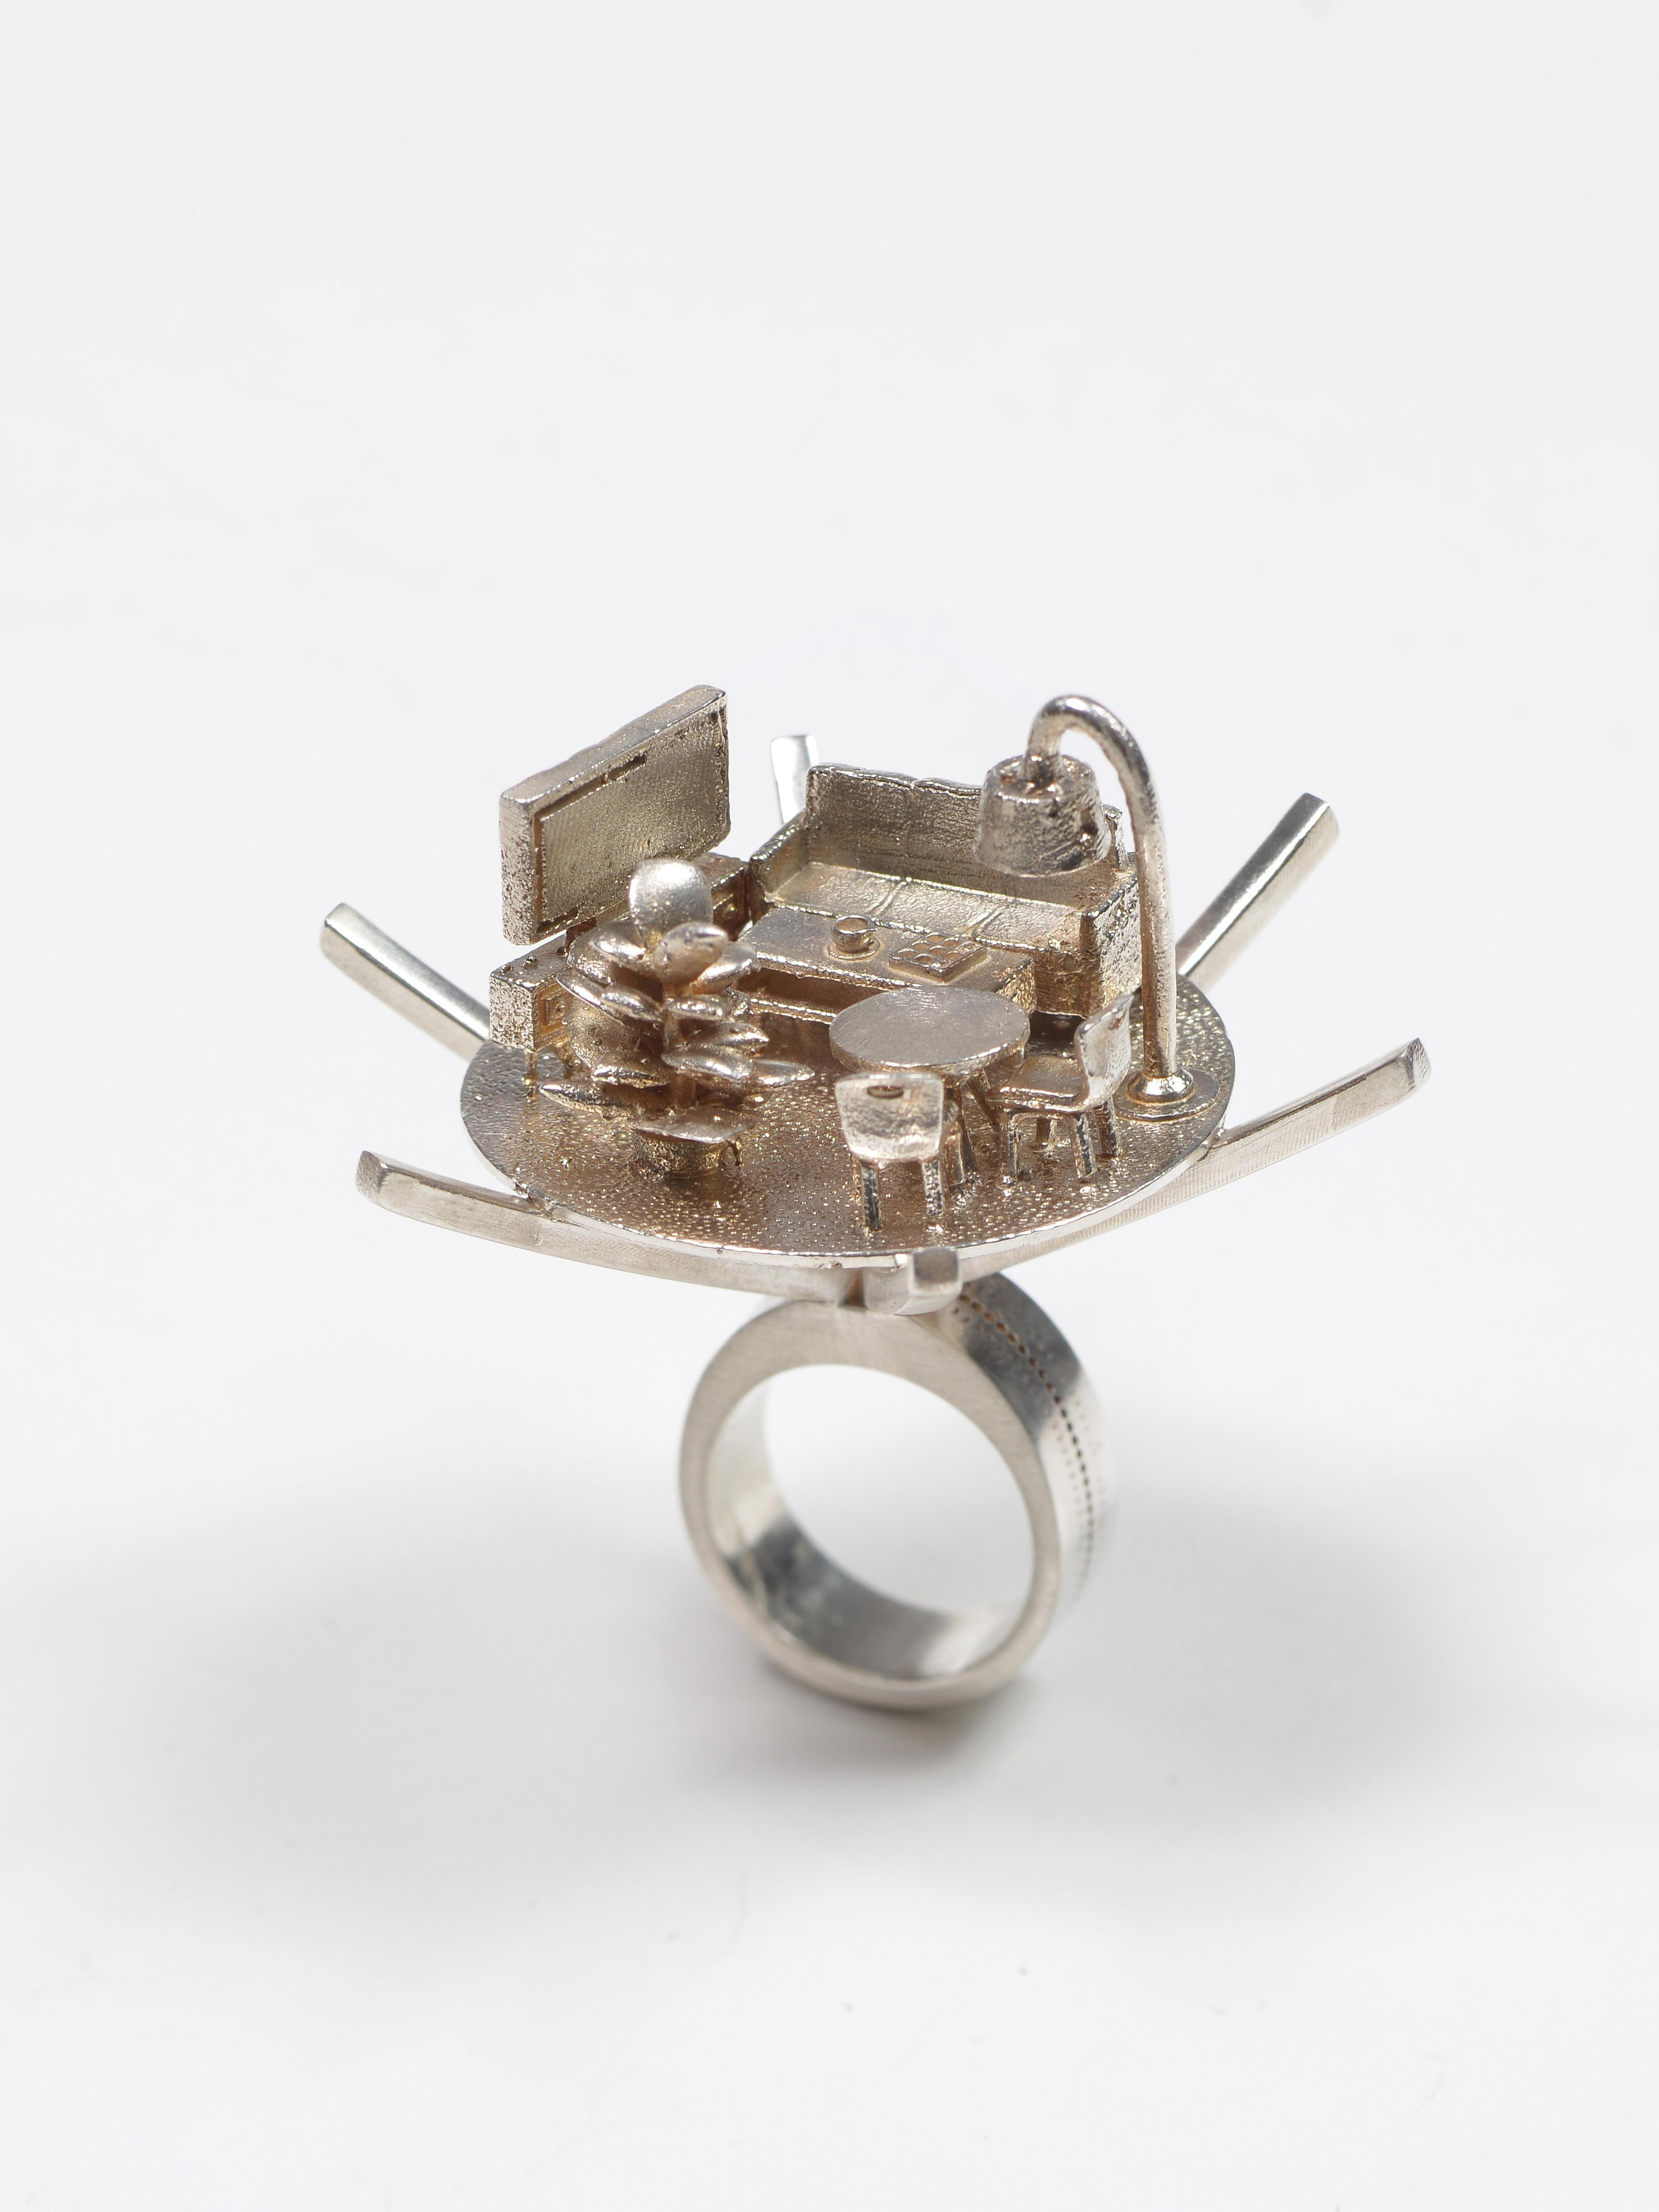 מוזיאון האיסלם ירושלים - תערוכת תכשיטים מומלצת - Inbar